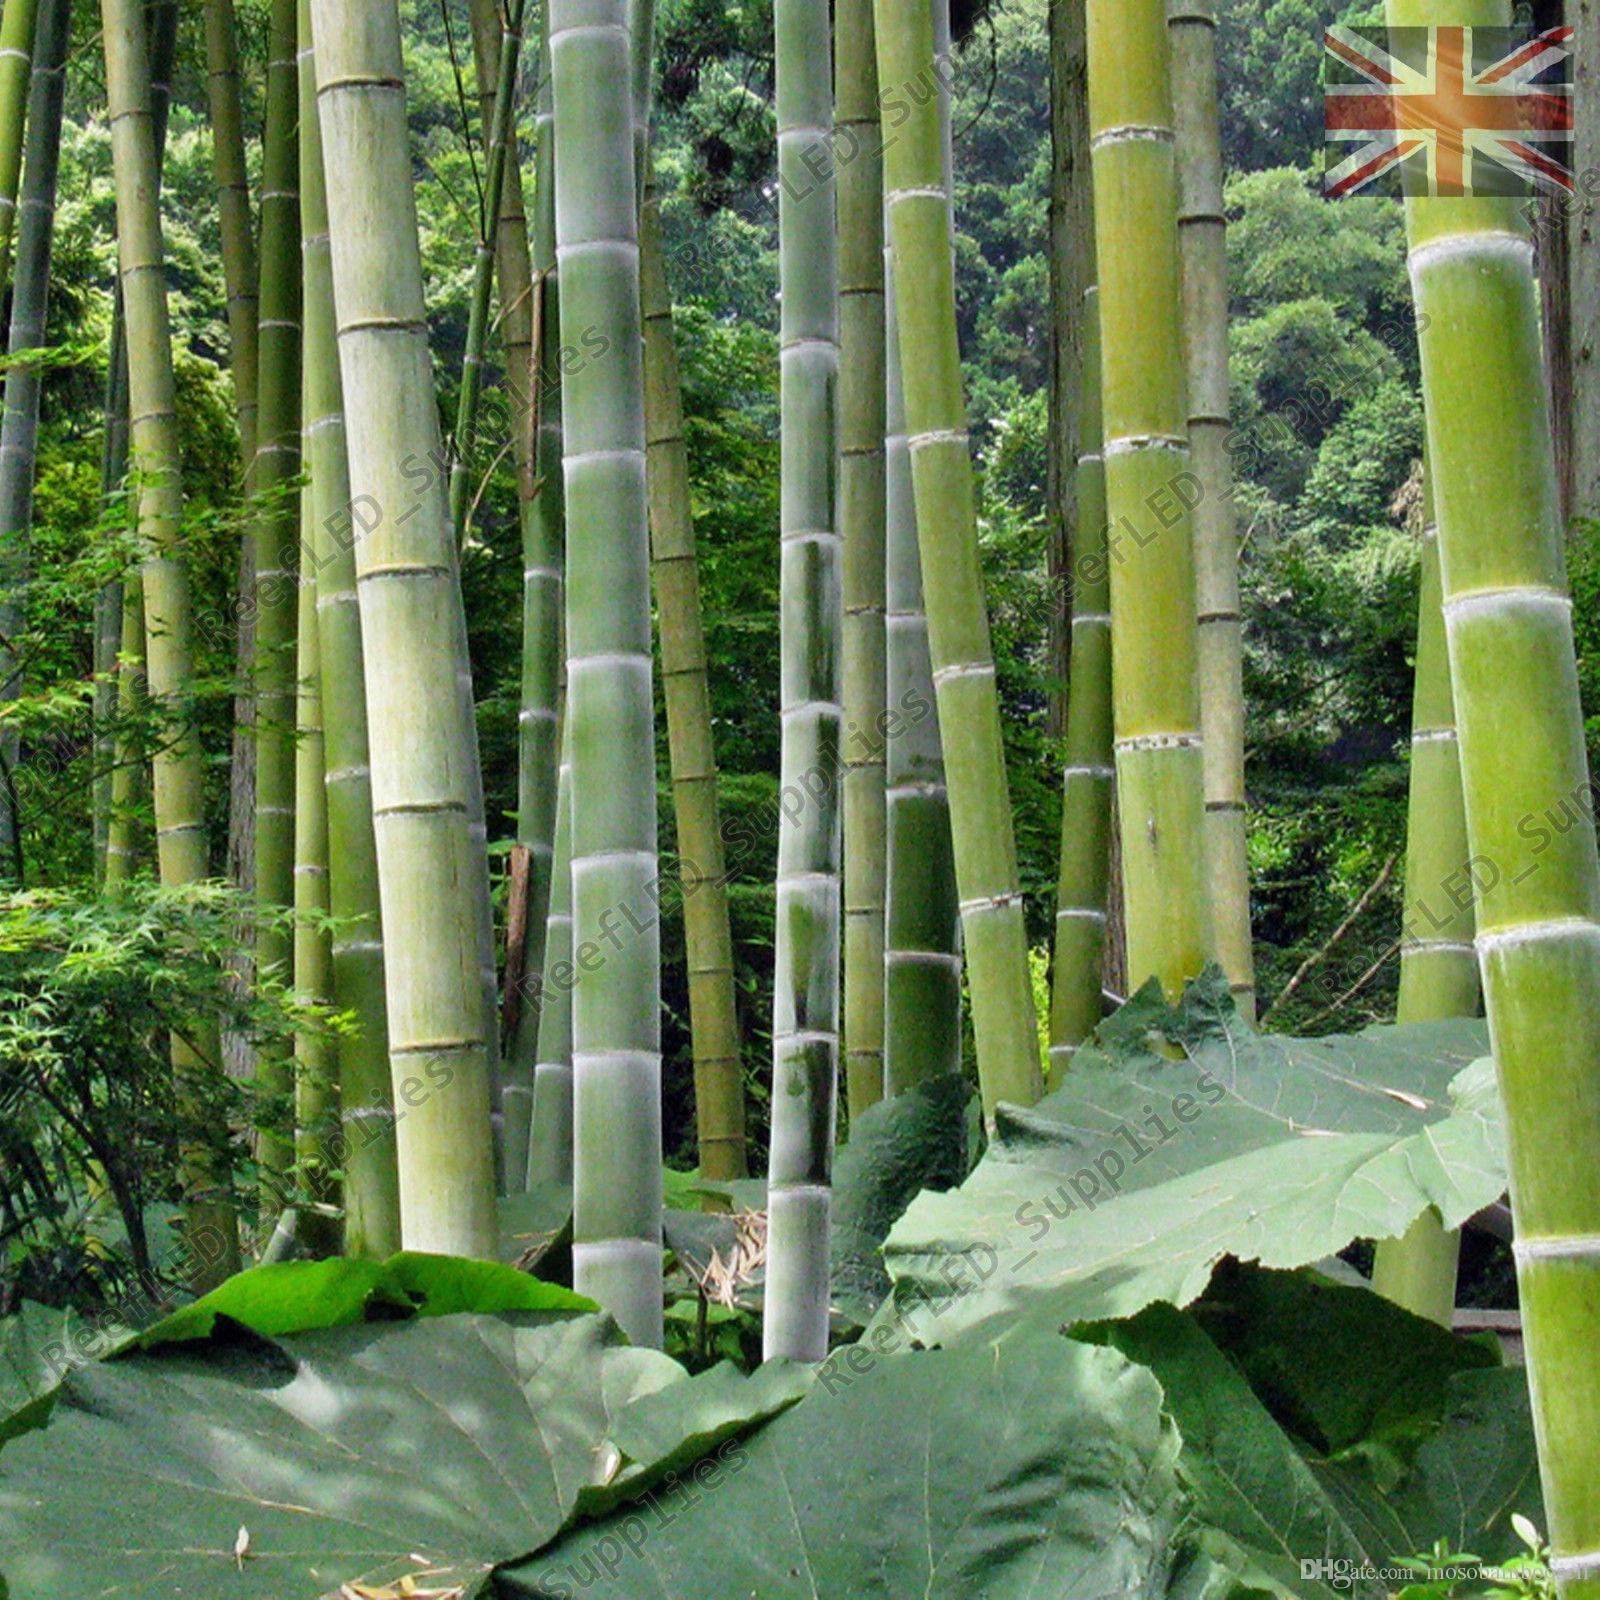 100 Semillas de bambú Moso Phyllostachys Pubescens Semillas de bambú gigante Lote de 100 SEMILLAS Envío gratis